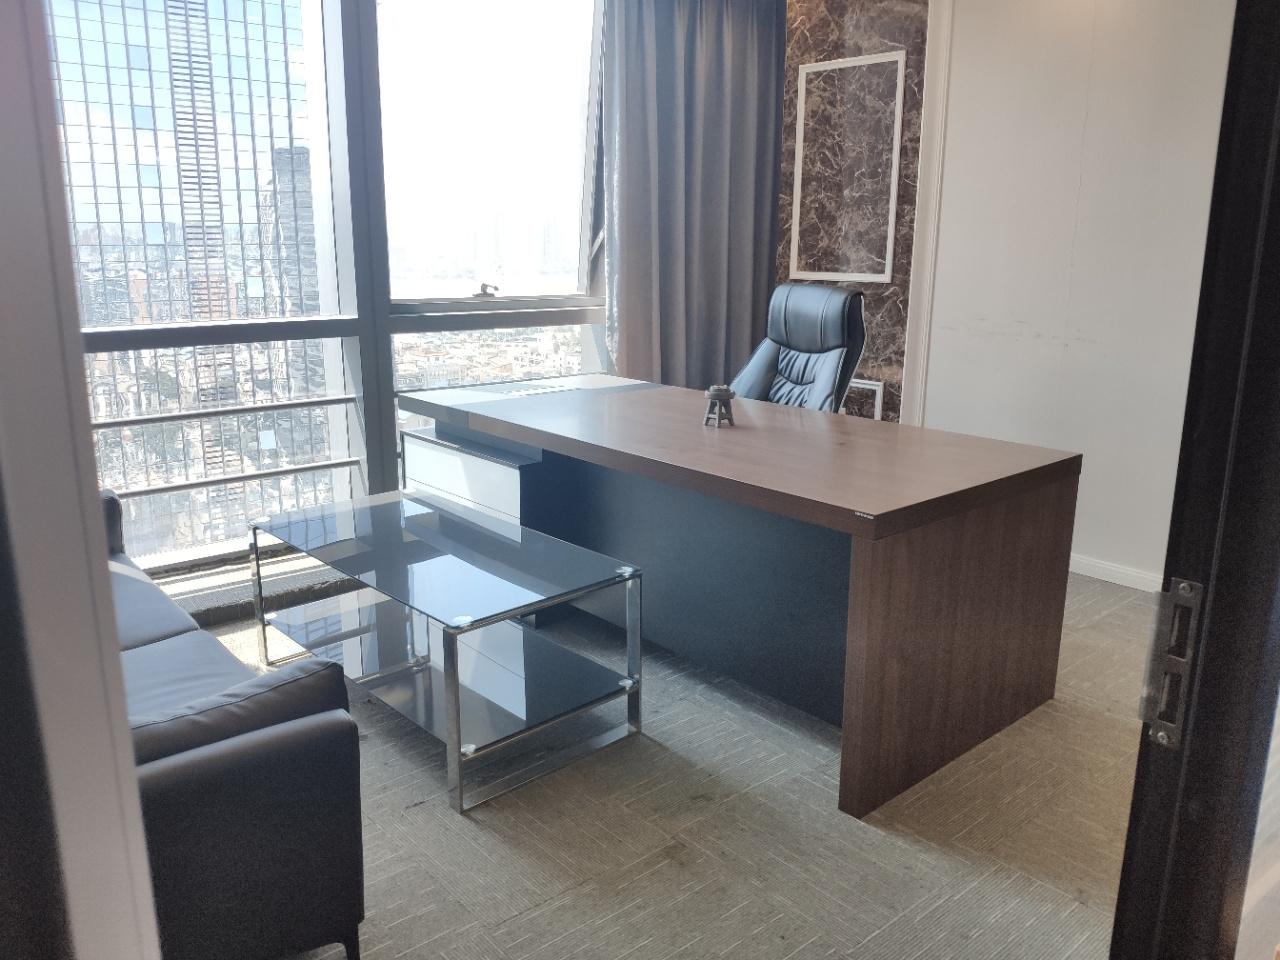 市中心 CBD核心泊富国际,精装带家具,拎包入住,24时空调